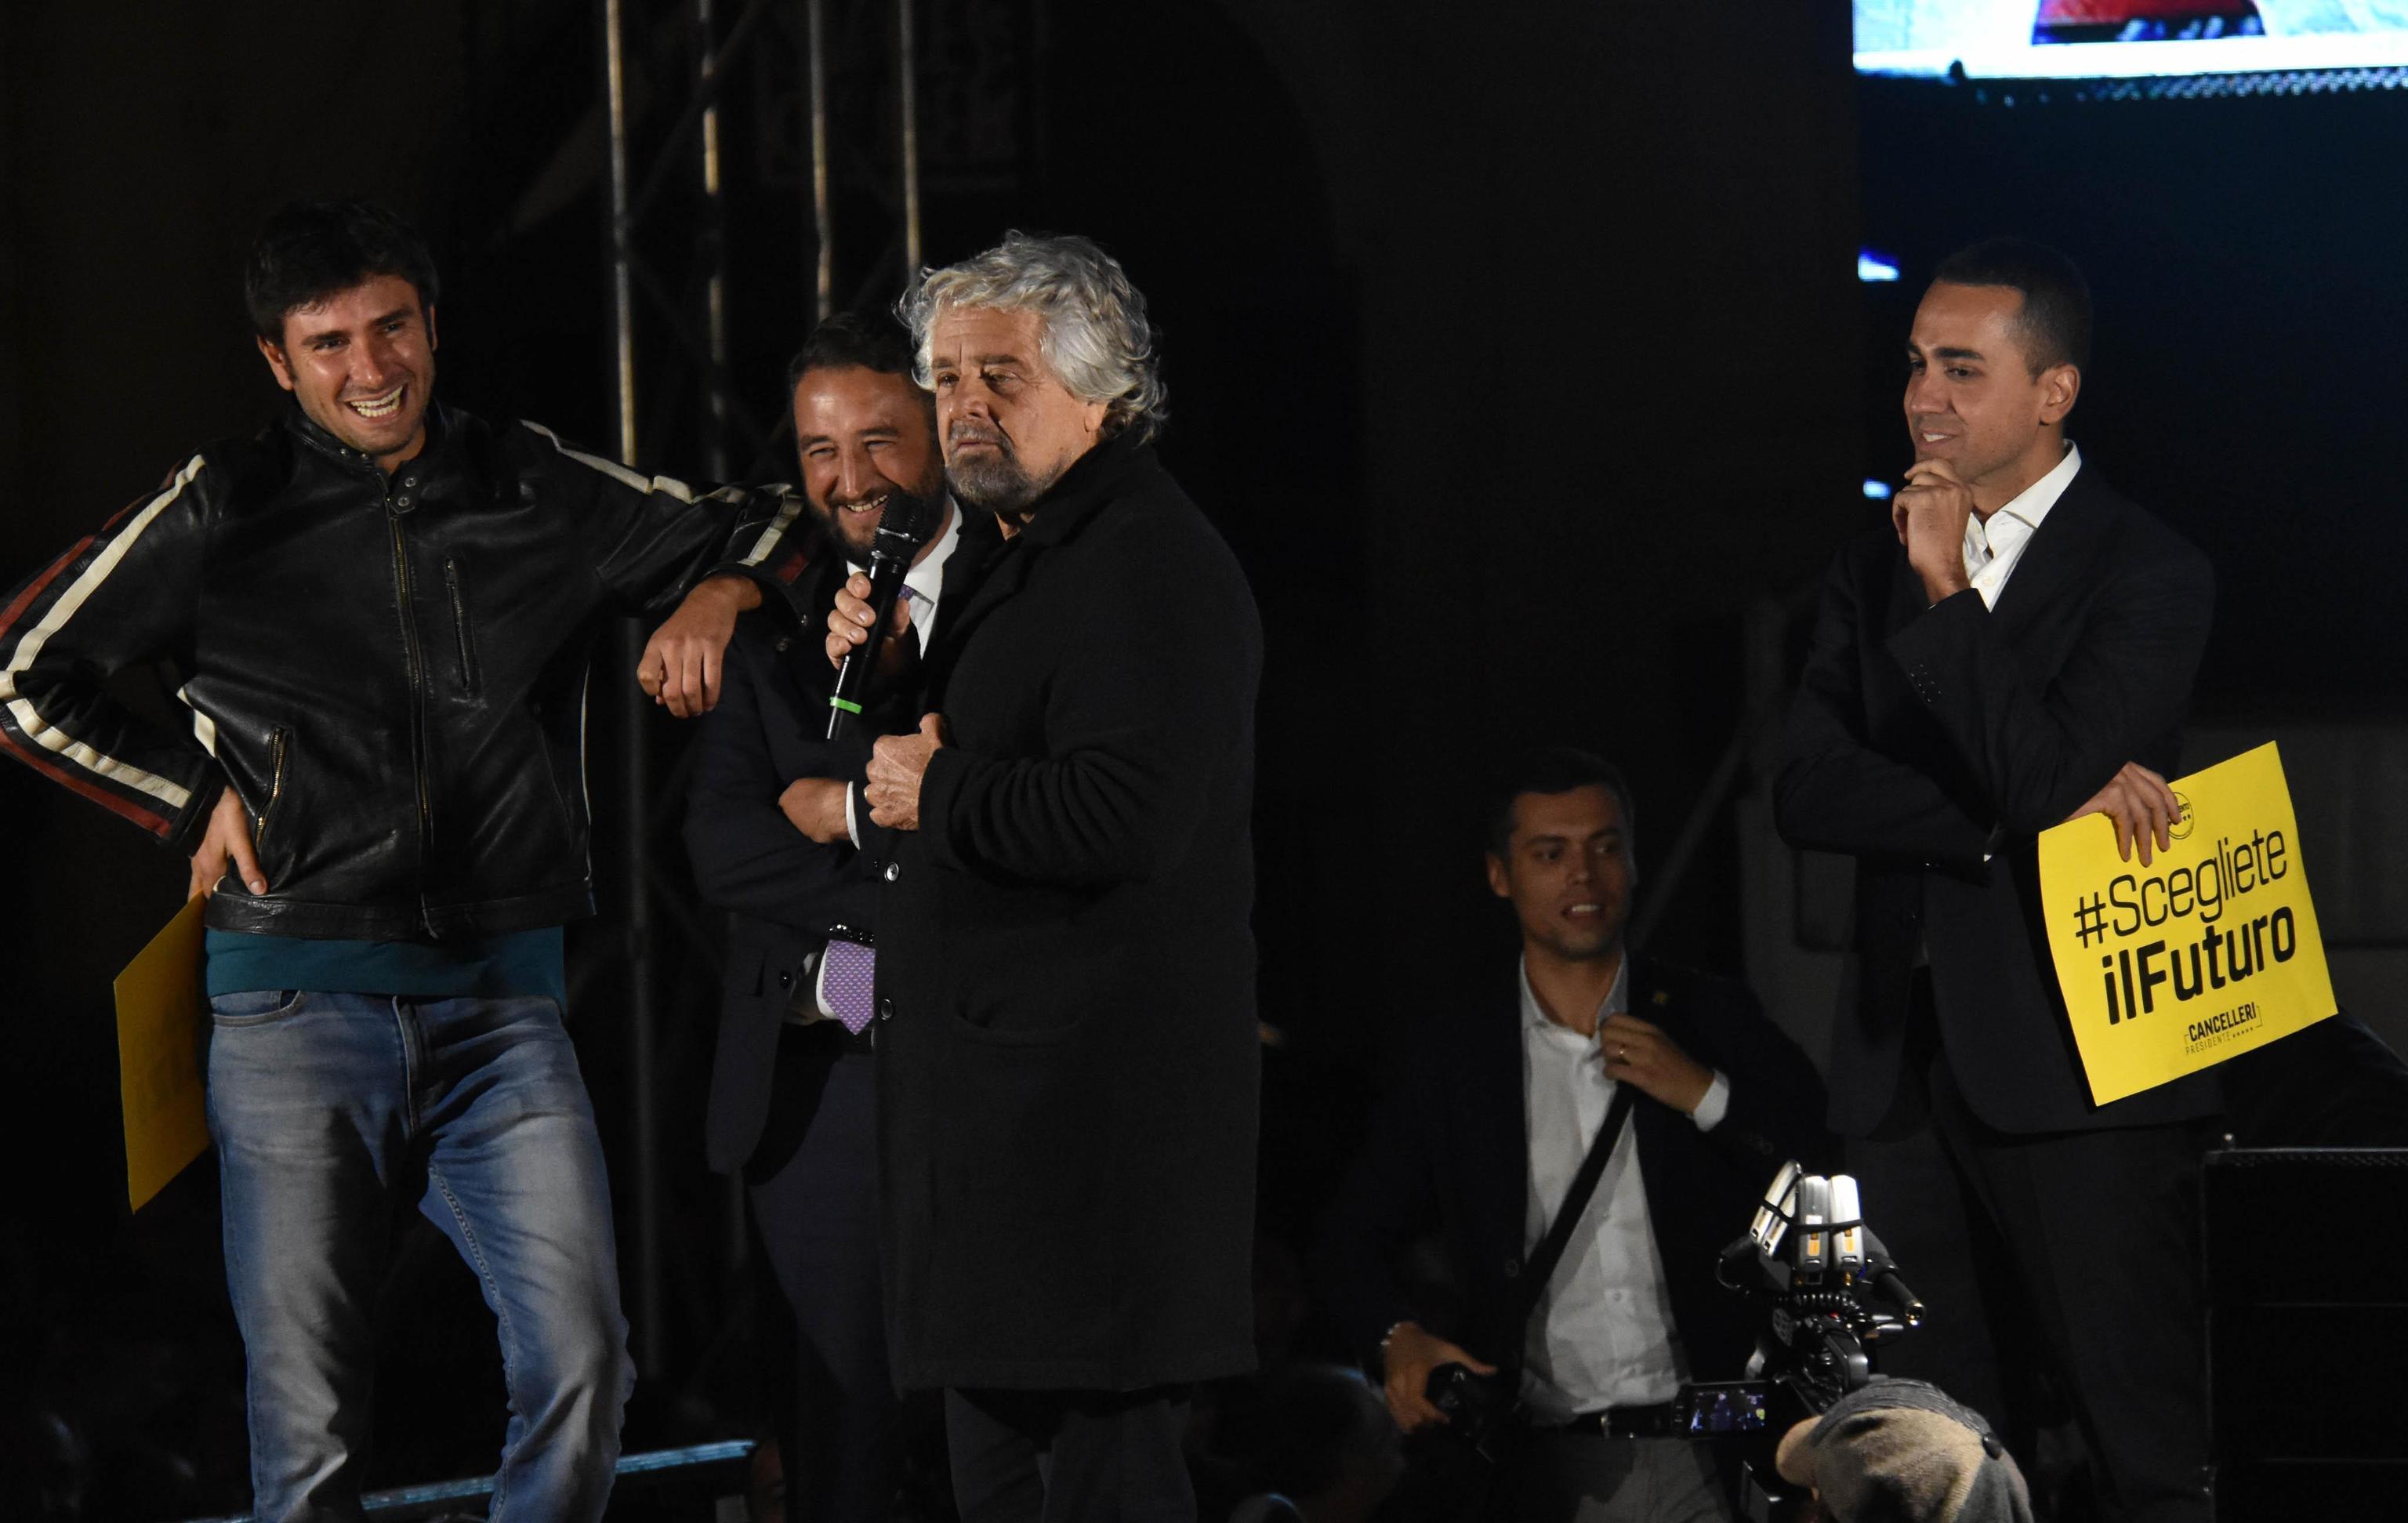 M5s, il comizio per Cancelleri a Catania: presente anche Grillo